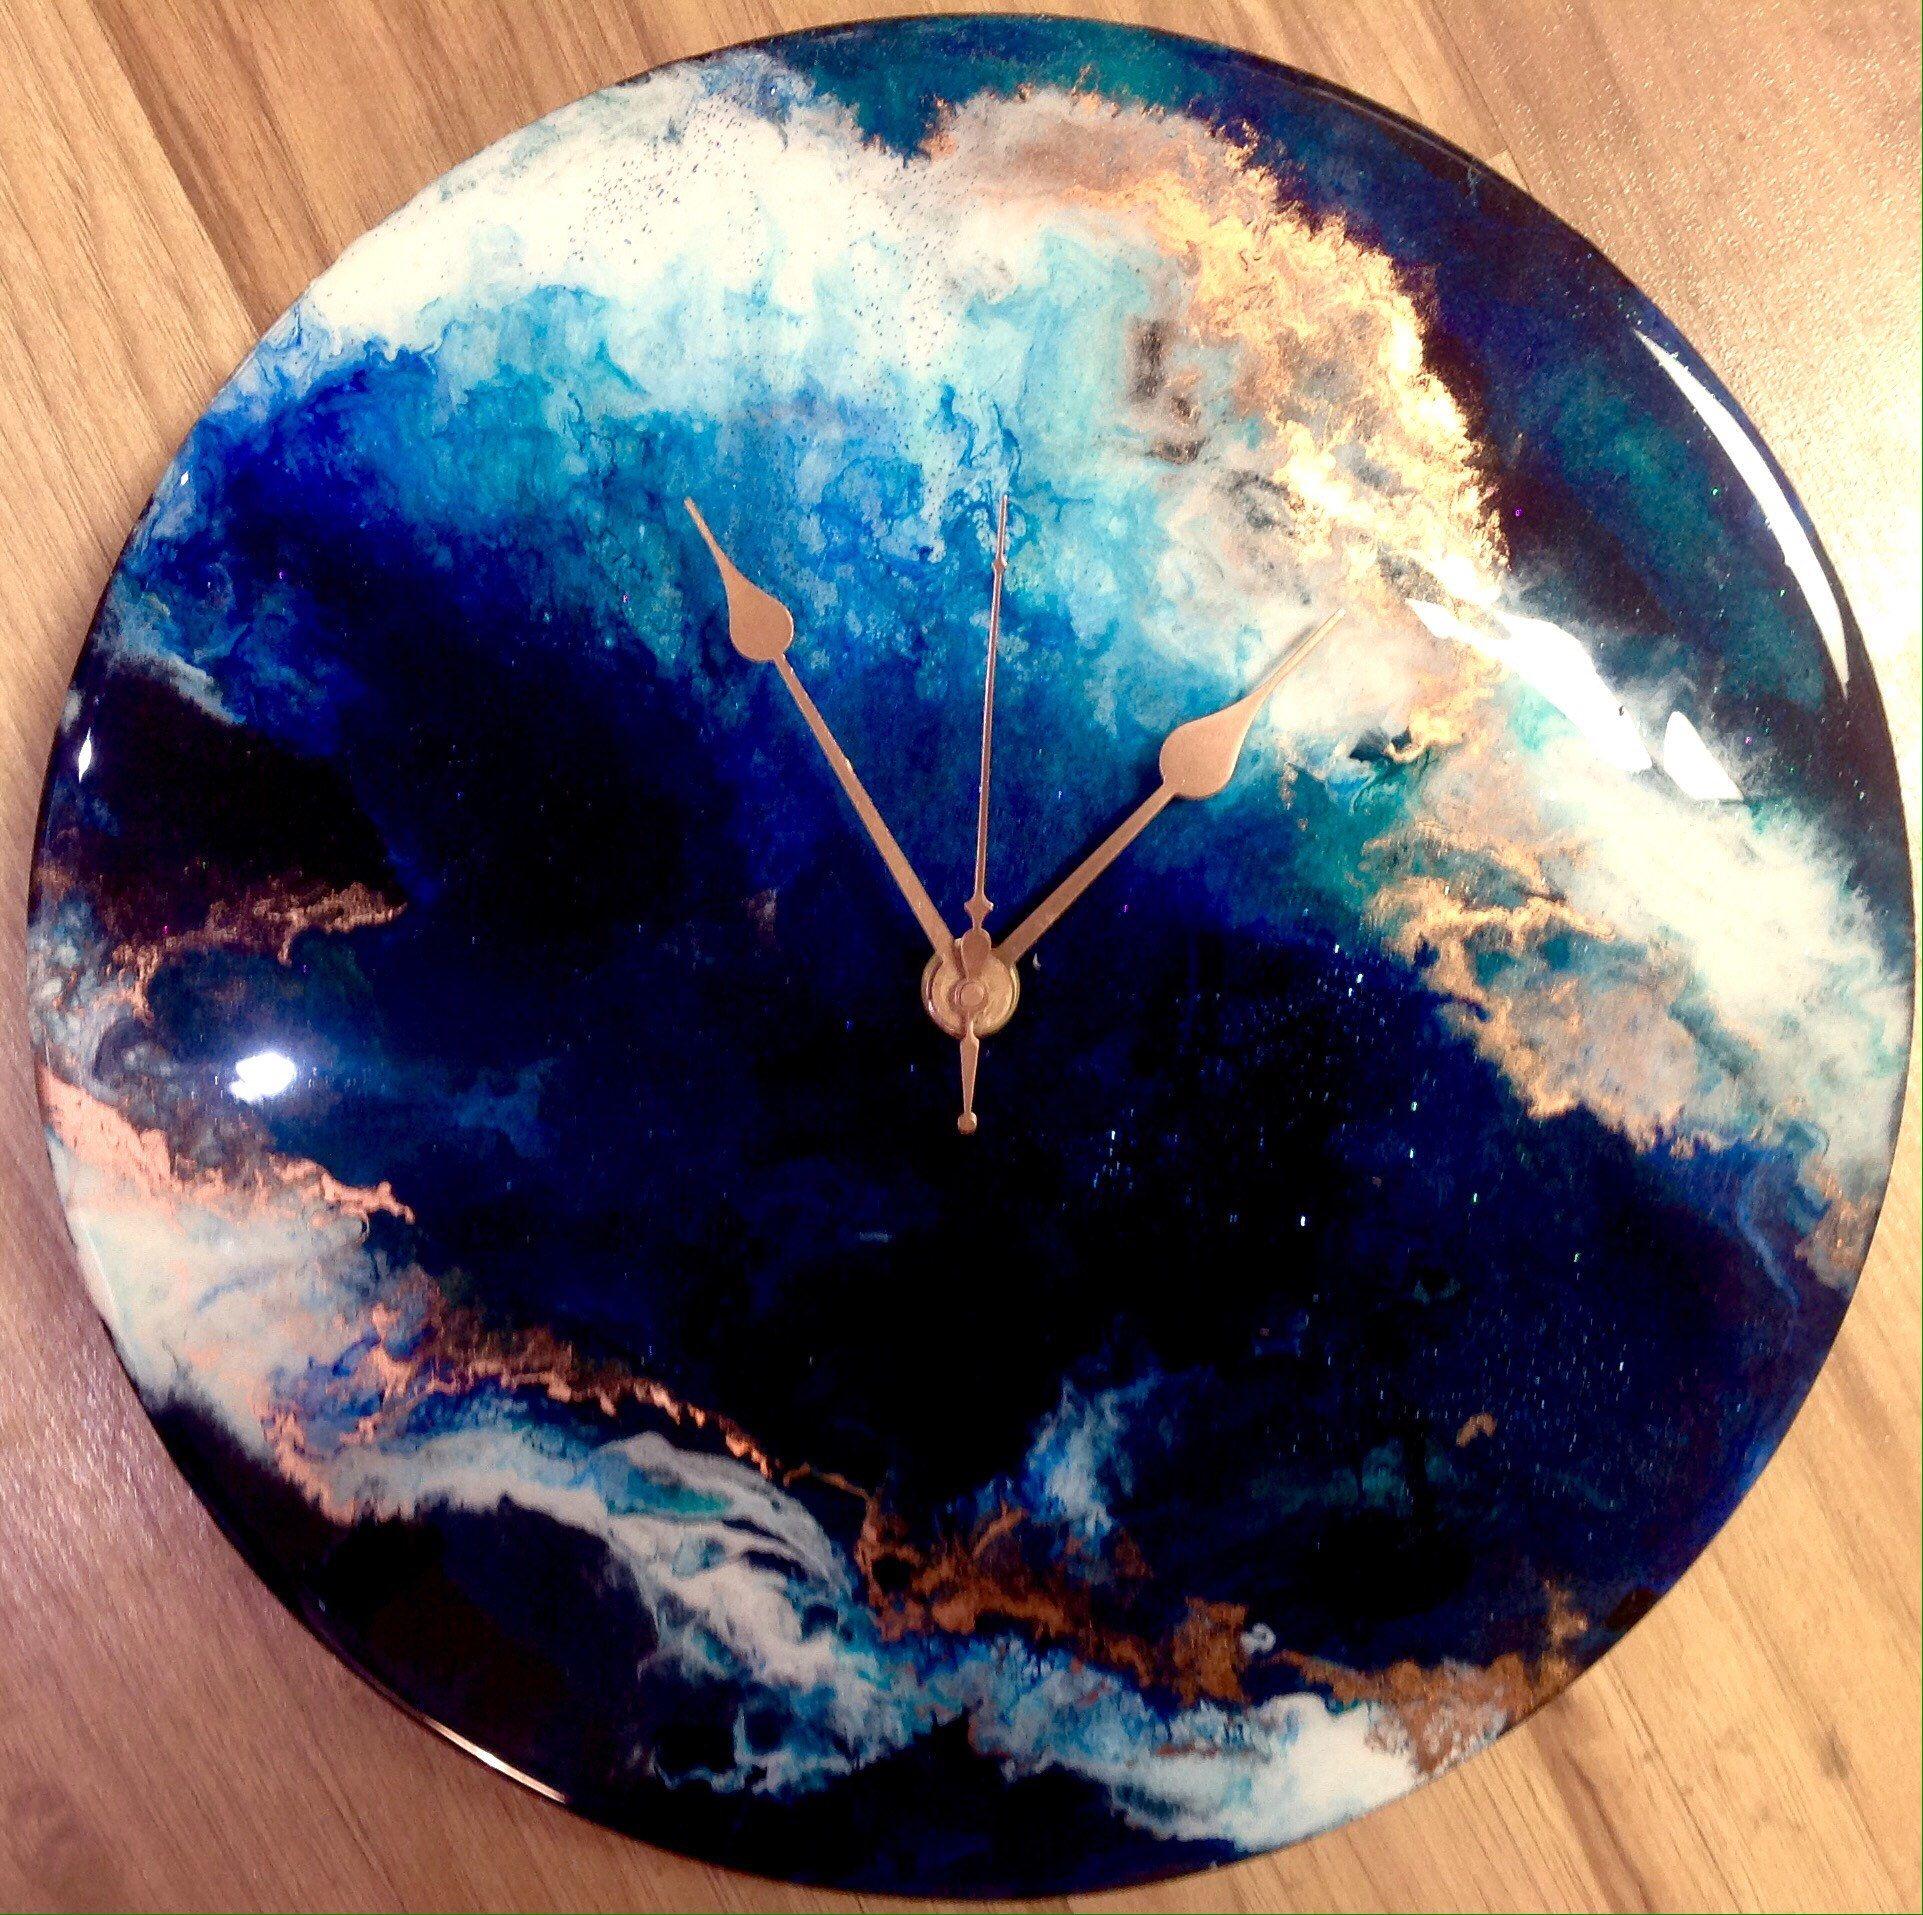 Resin Art Clock Painting In Deep Blue White And Copper On A Etsy Resin Art Painting Clock Painting Resin Art